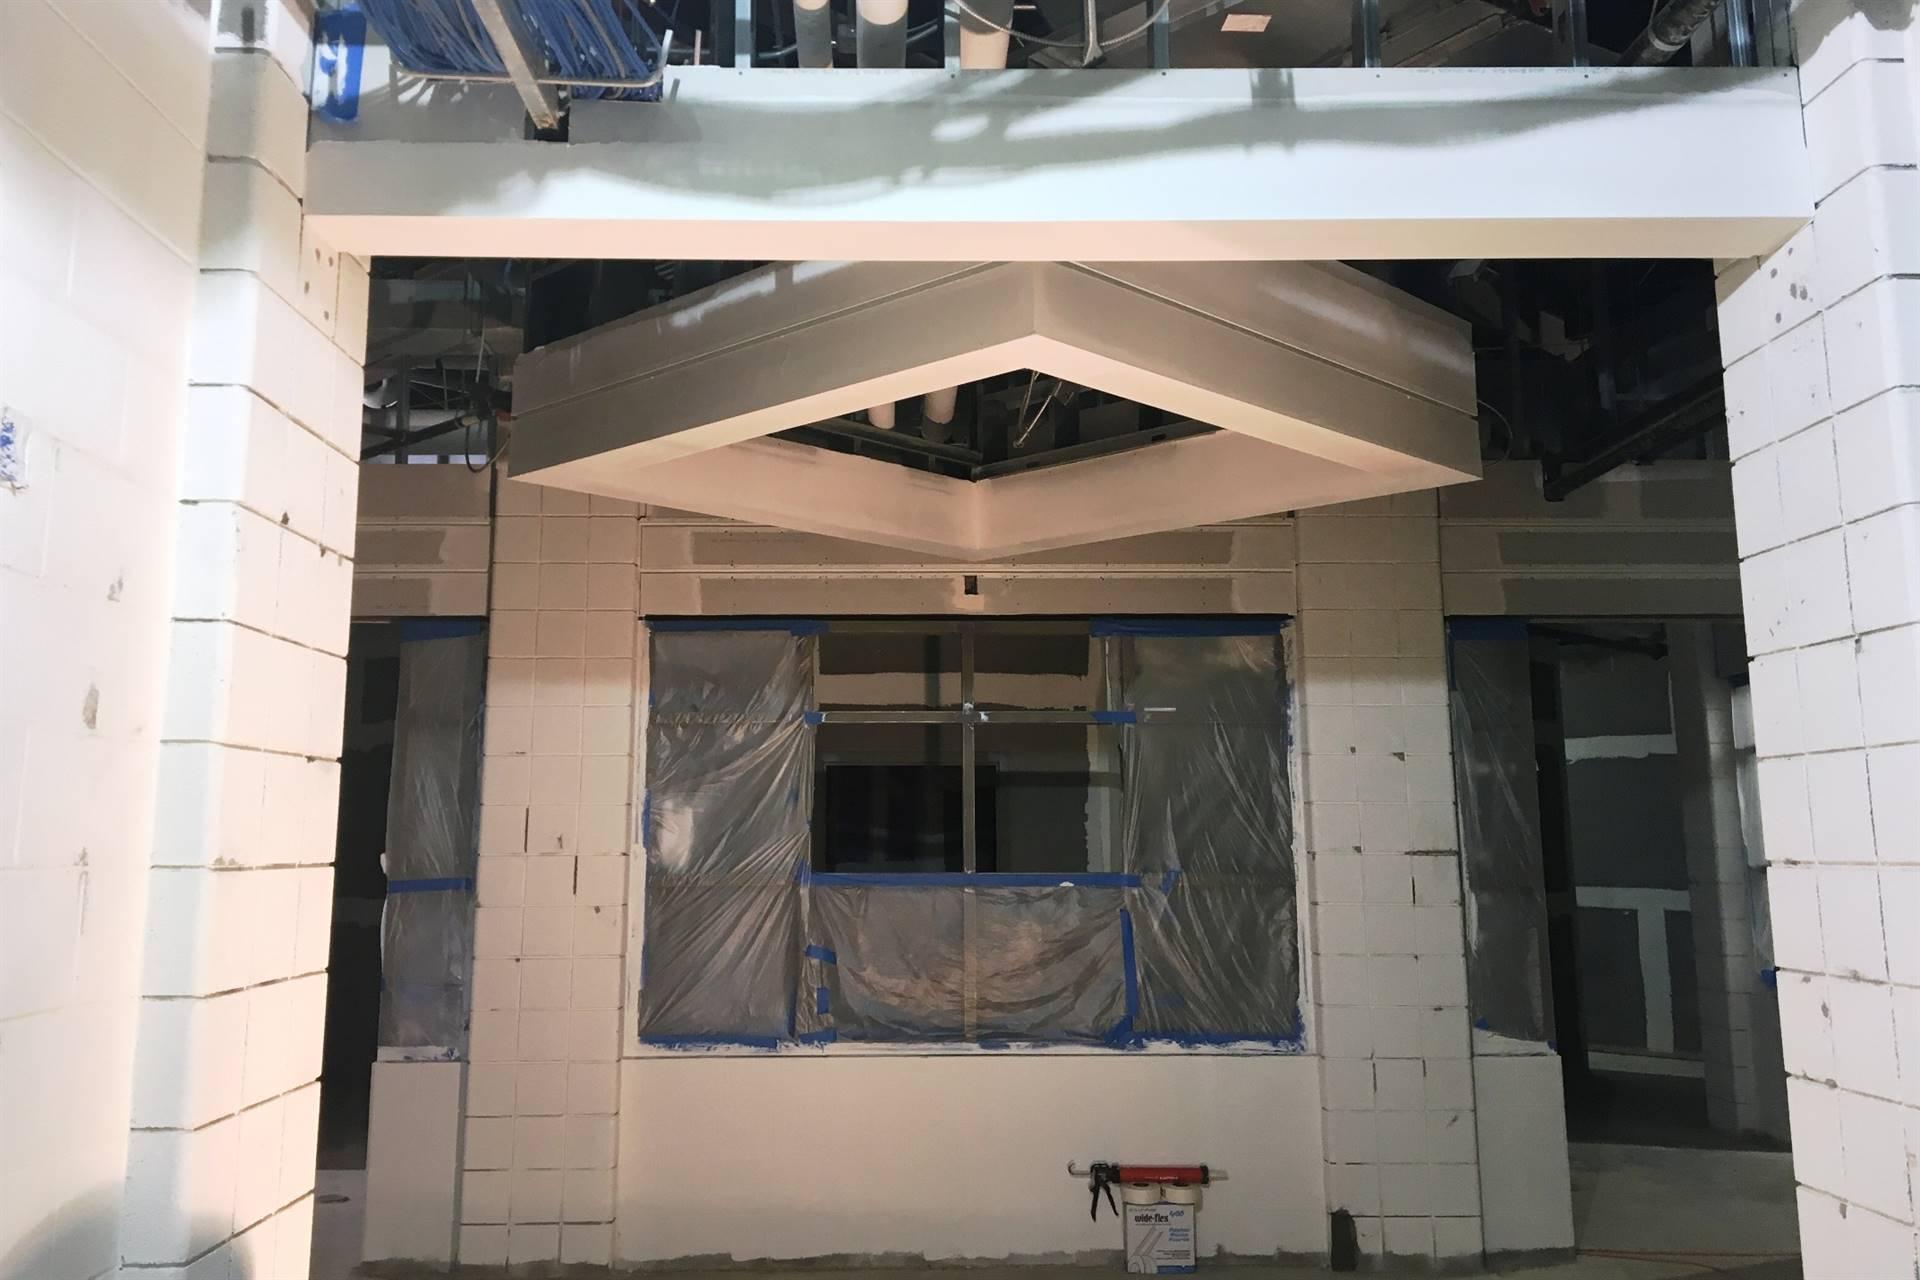 window frame outlined inside building